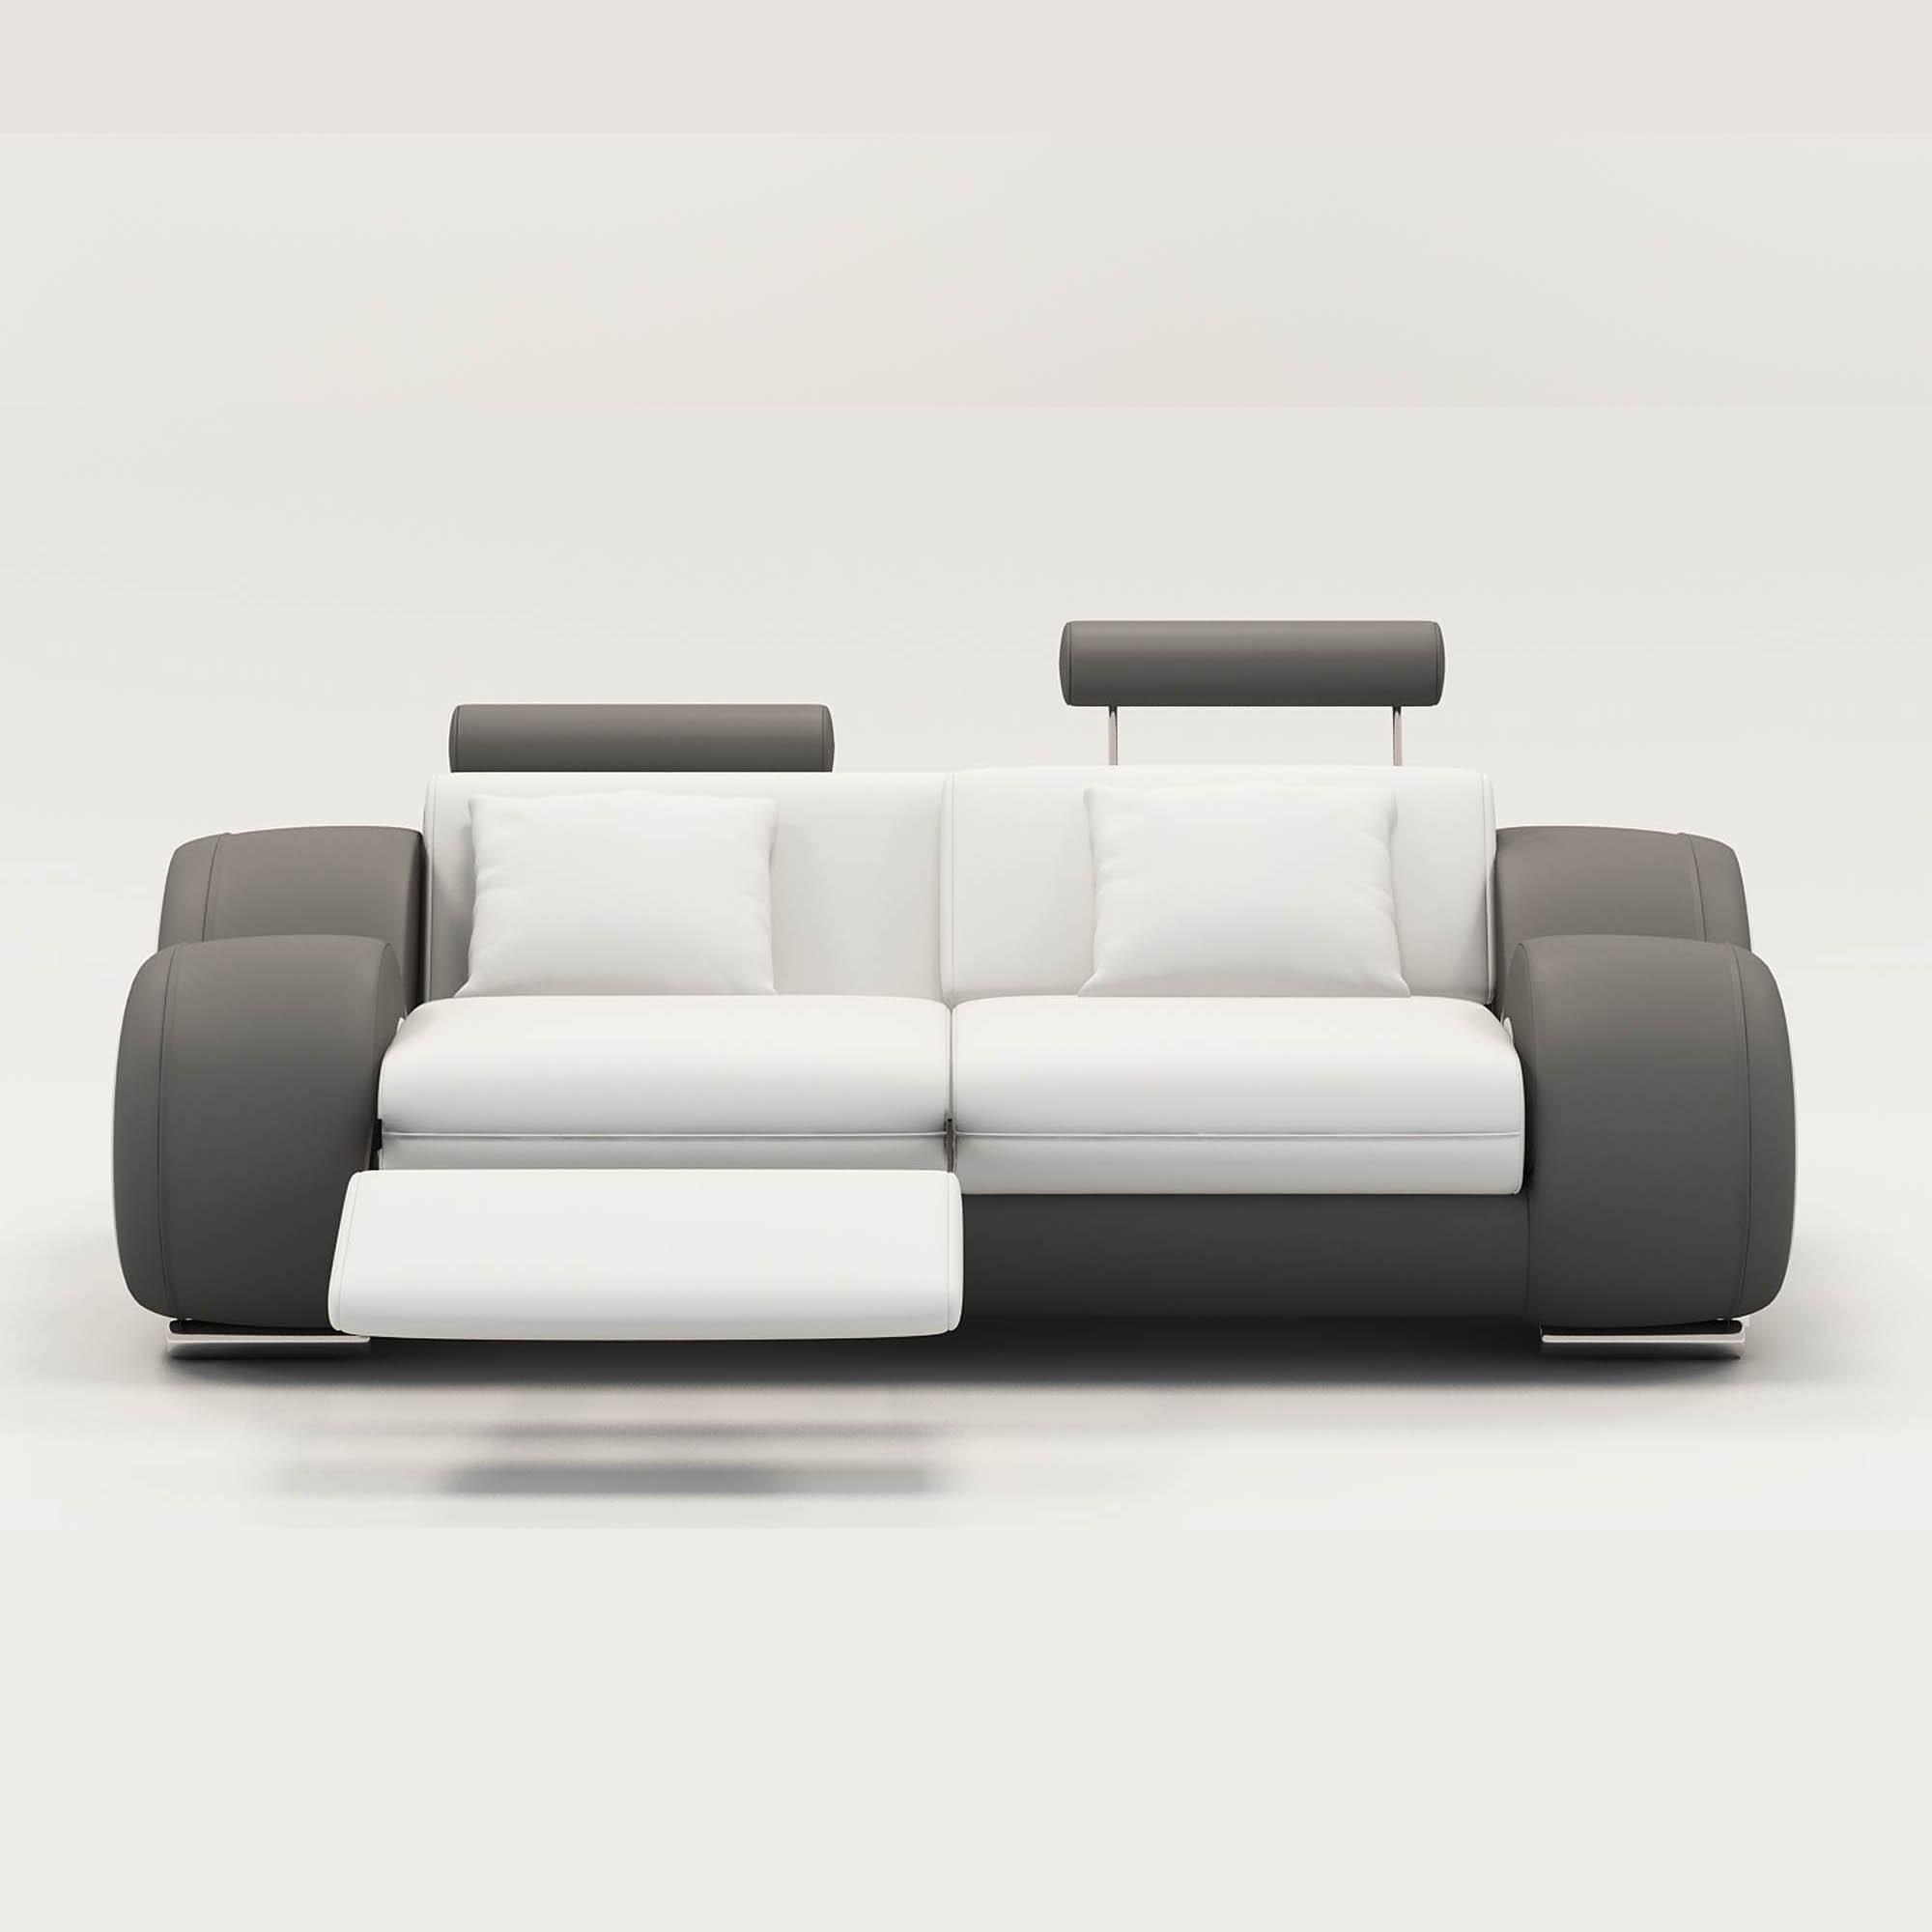 Canapé 2 Places Design Relax Oslo En Cuir Blanc Et Gris destiné Fauteuil Relax 2 Places